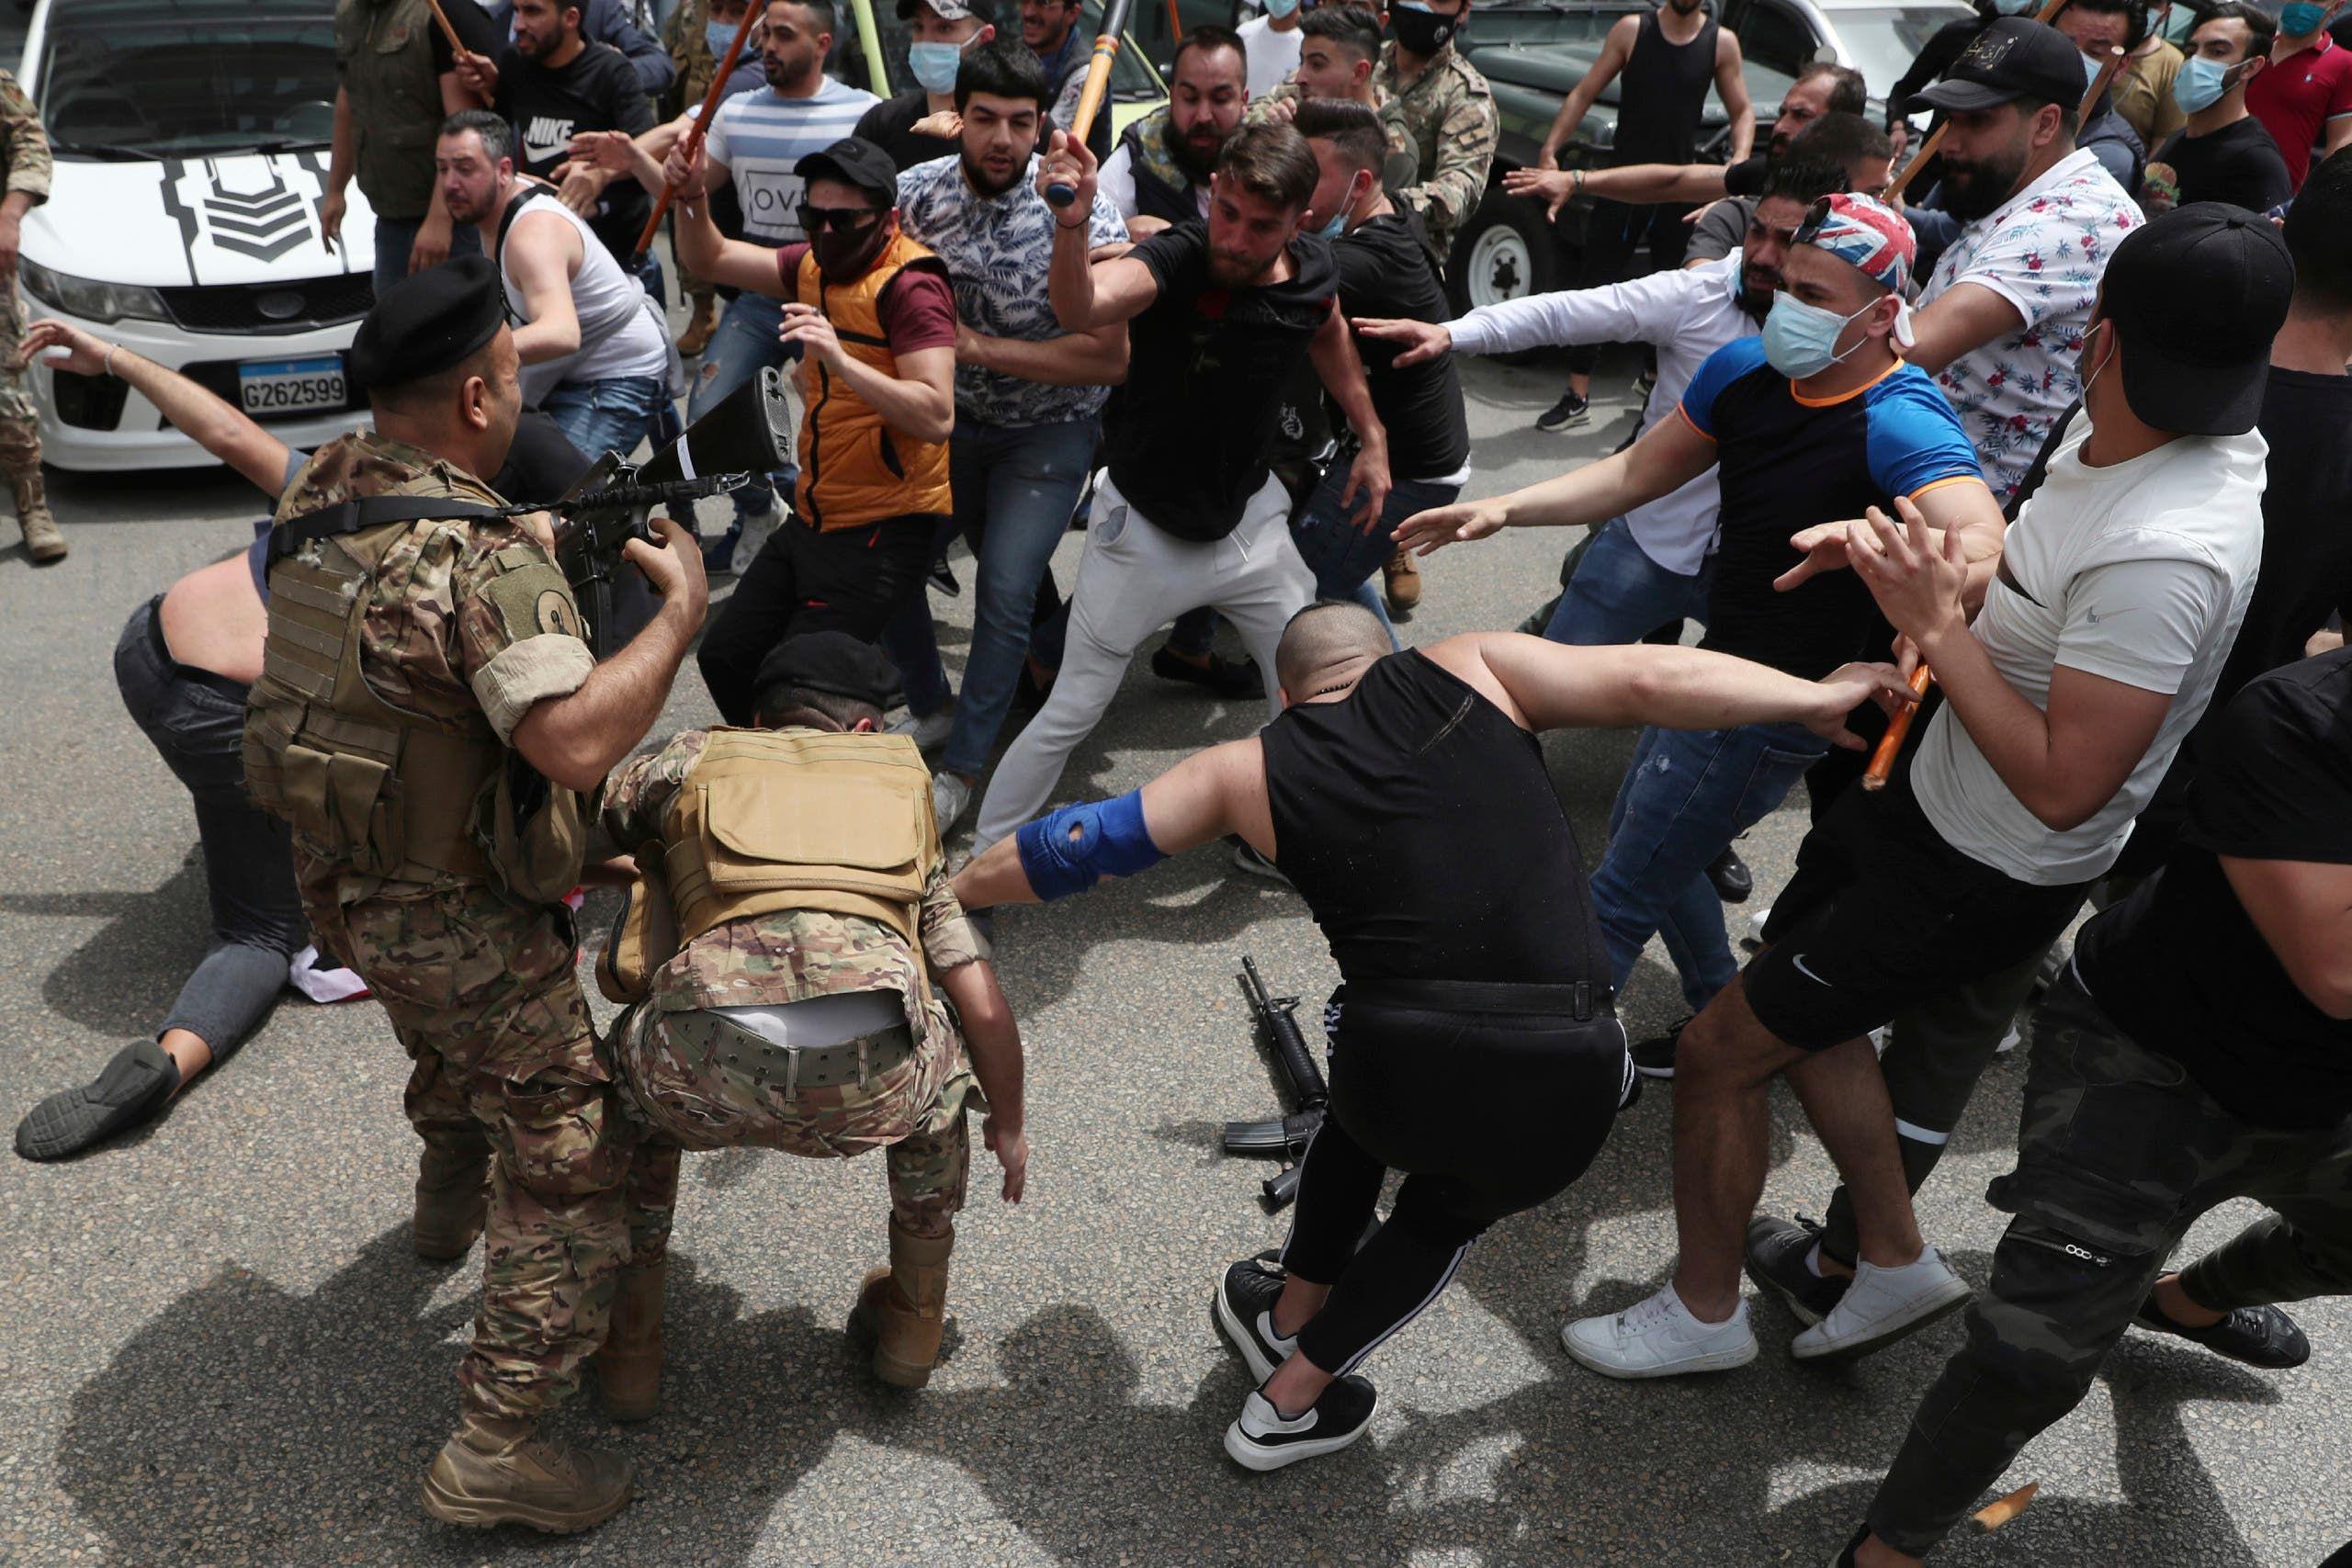 خلاف بين أنصار غادة عون وعويدات أمام قصر العدل في بيروت (أسوشييتد برس)